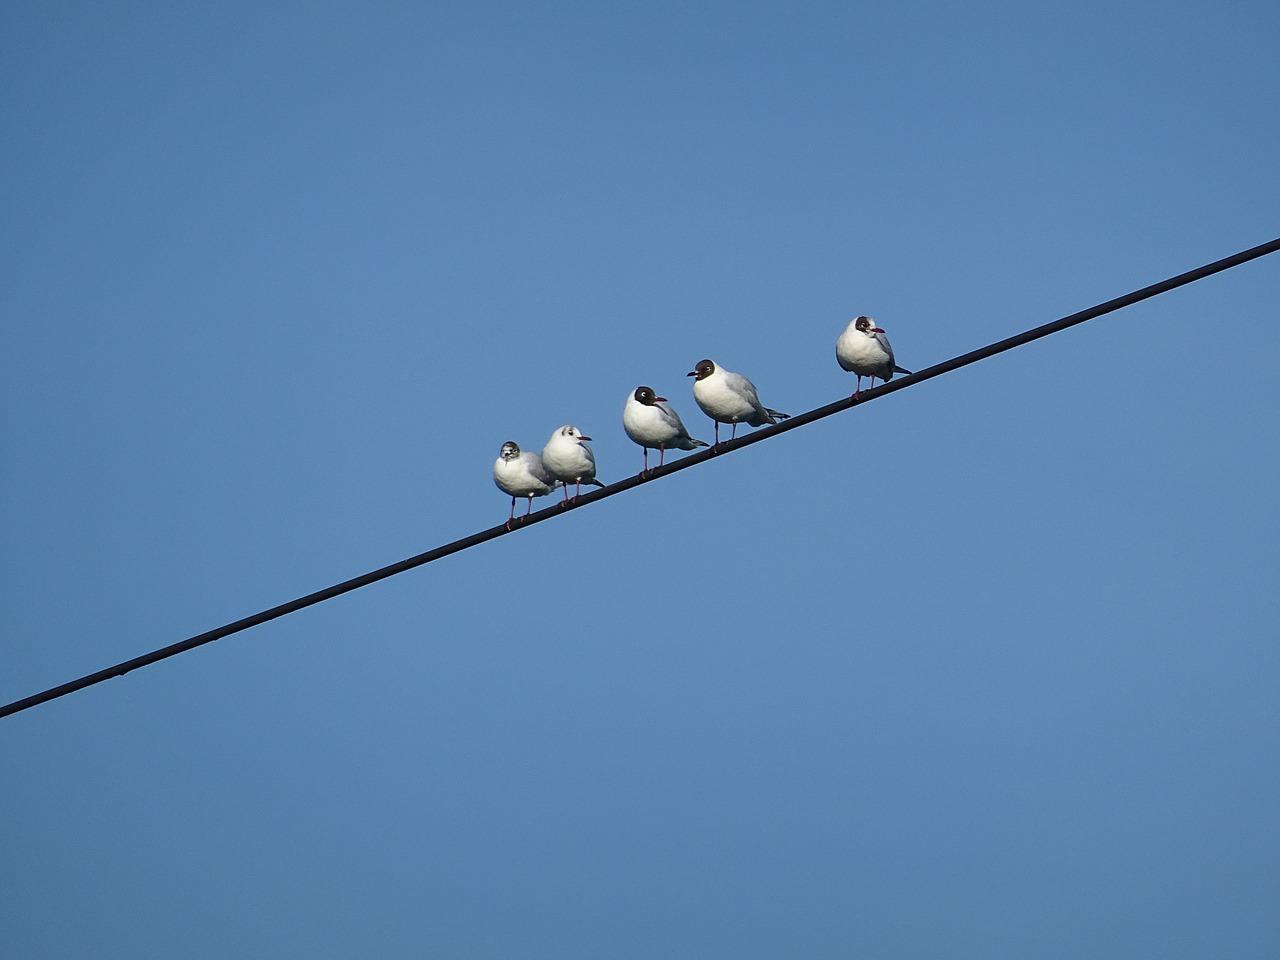 電線の上の鳥はなぜ感電しないのか…「電気」と「感電」の仕組みを学ぶ